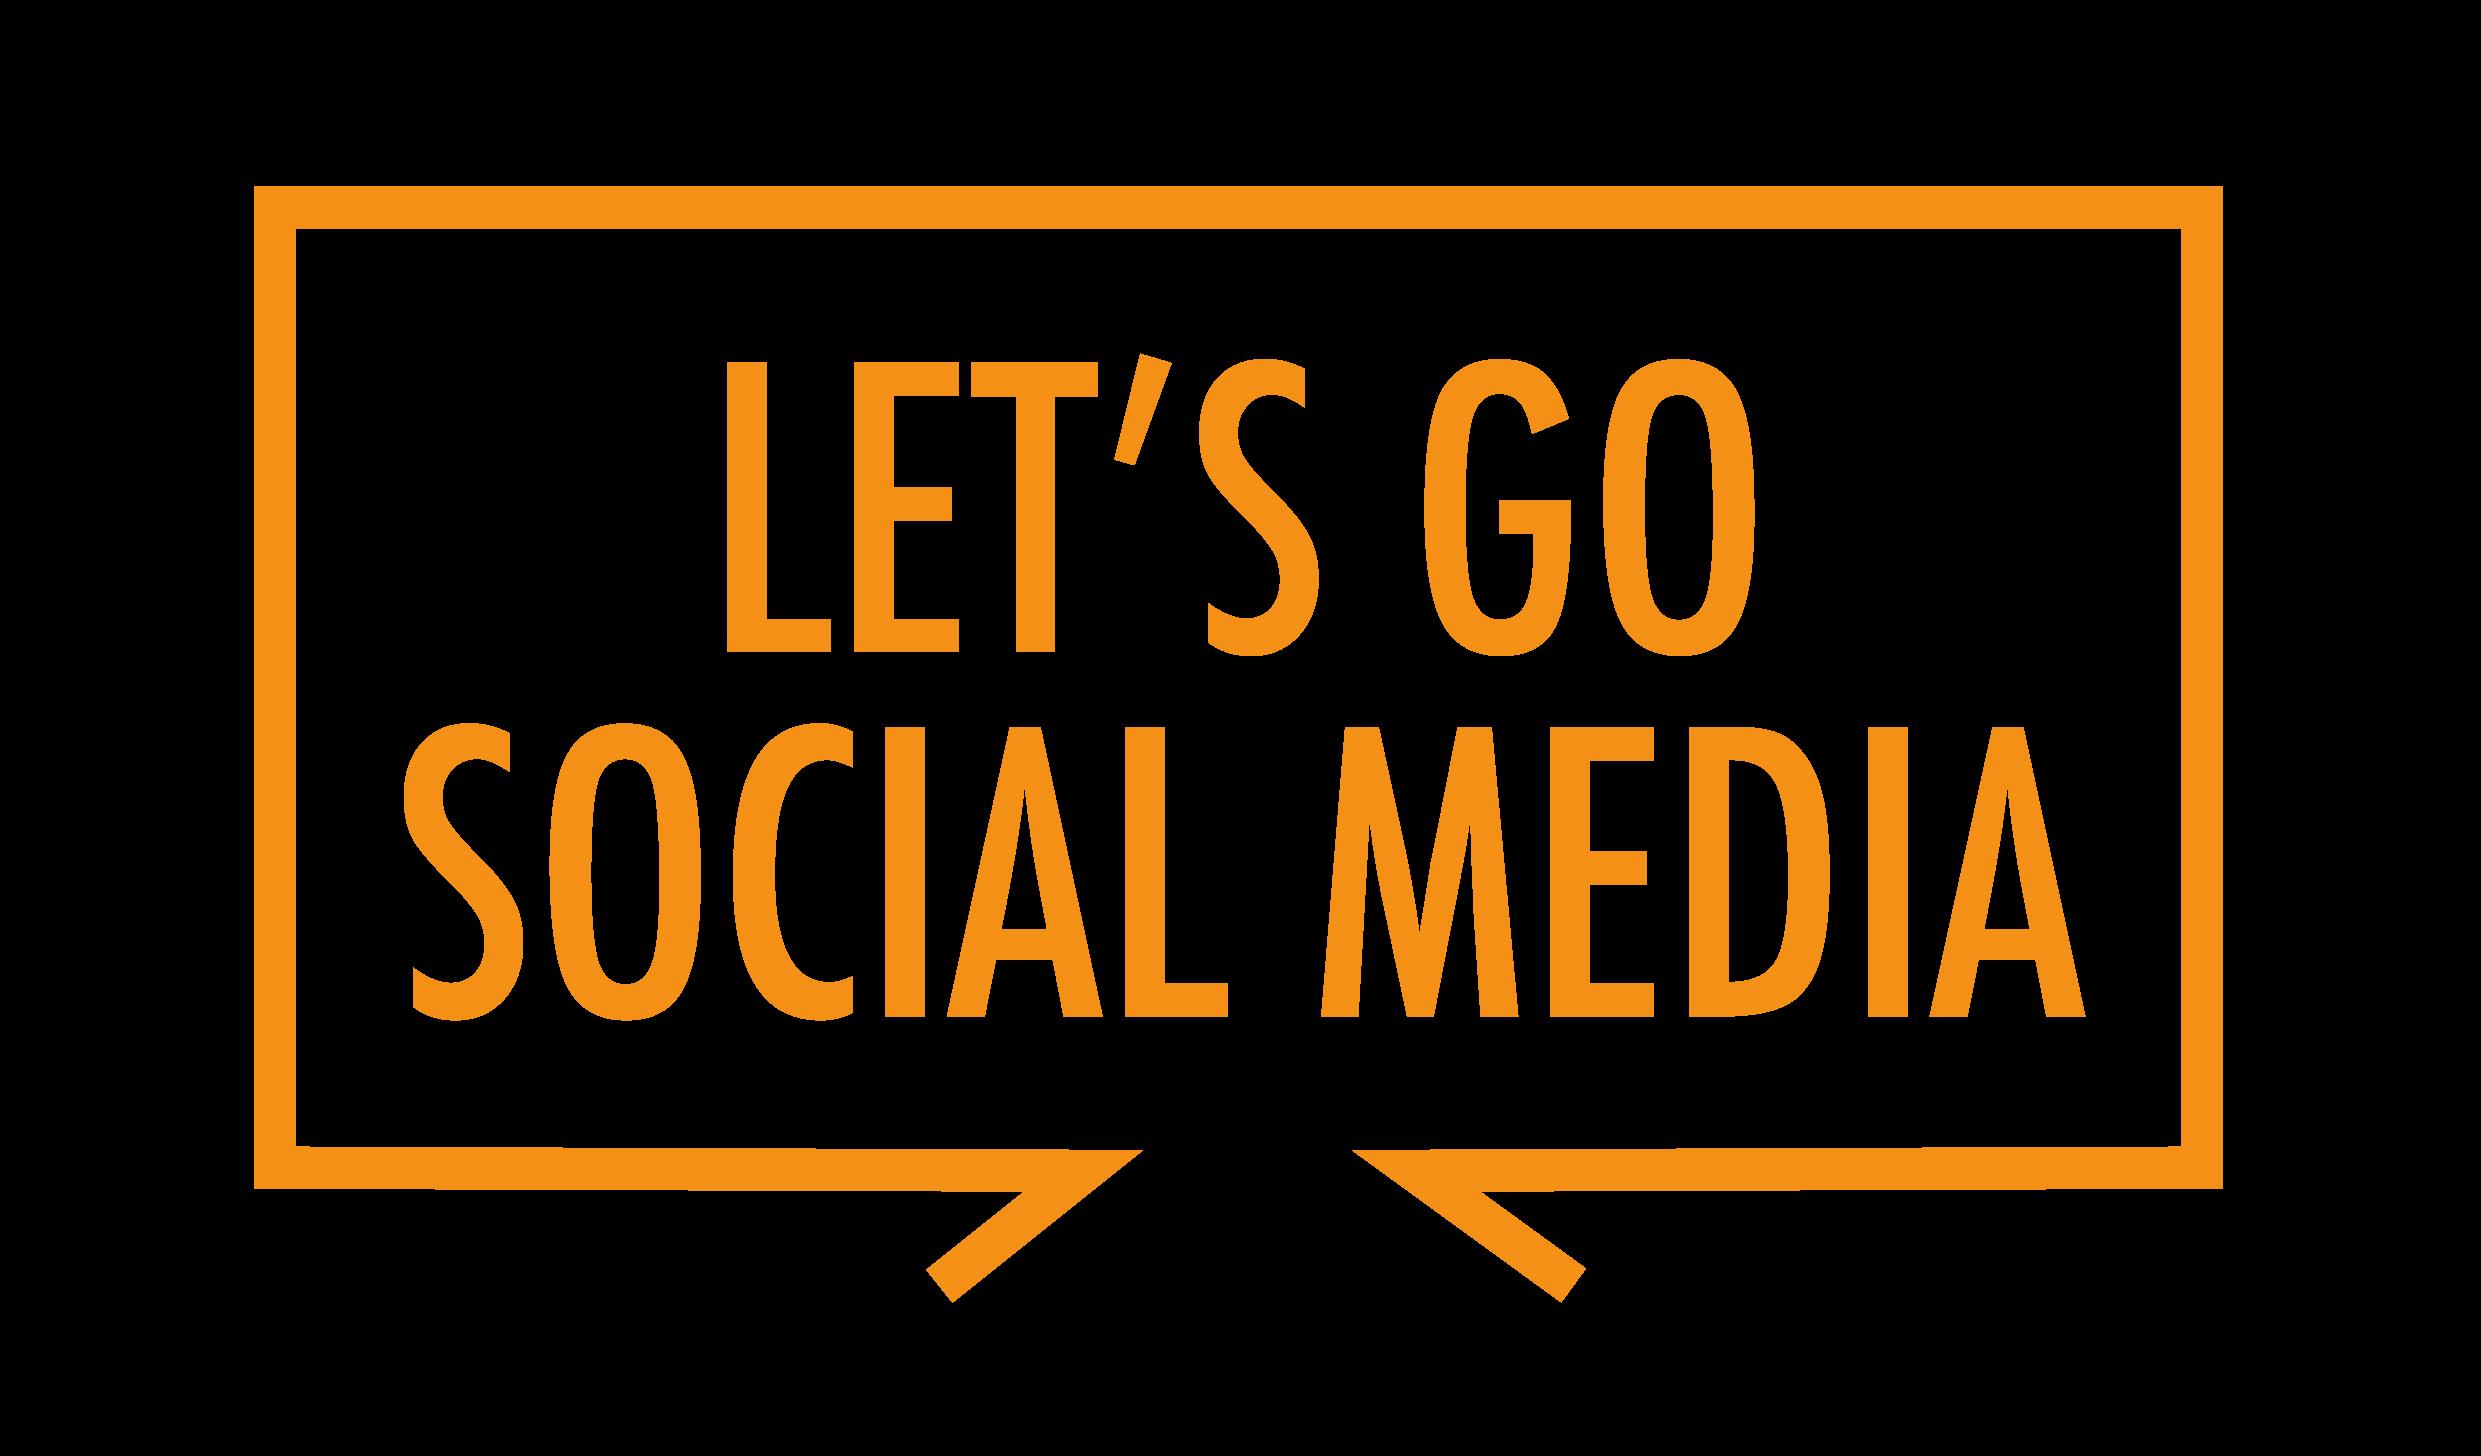 Let's Go Social Media